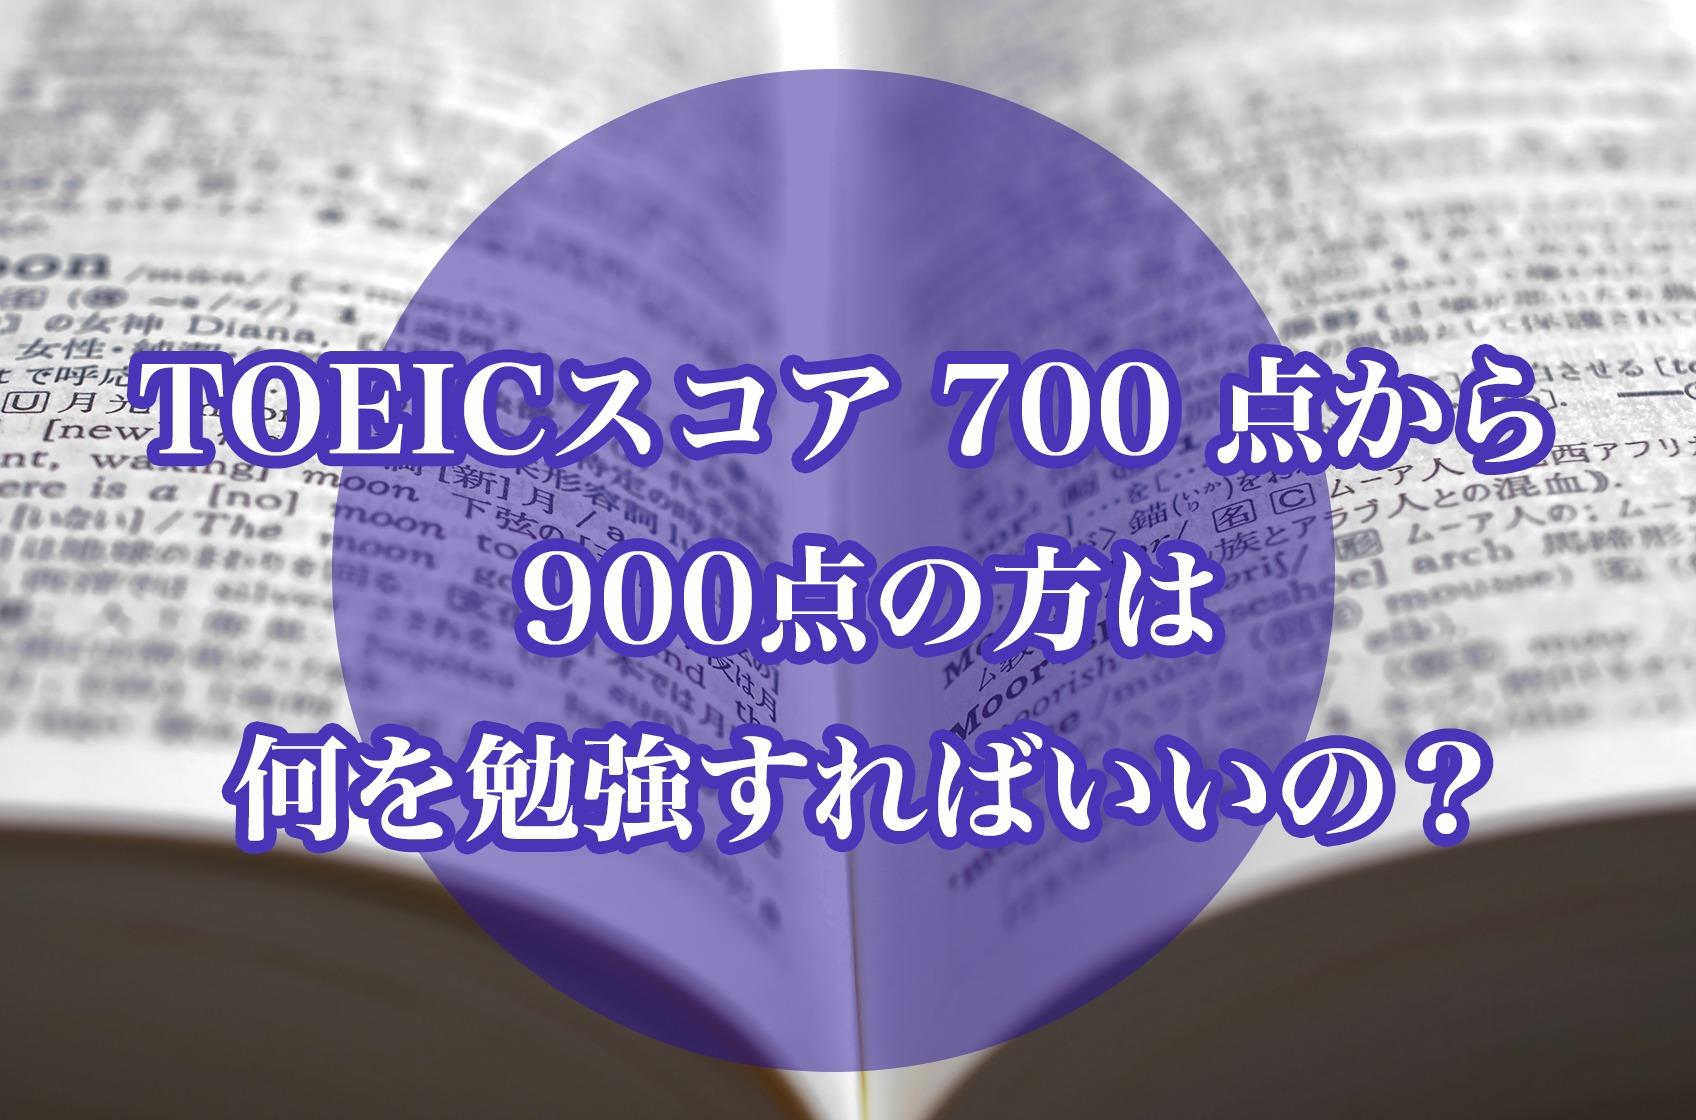 TOEICスコア-700-点から-900点の方は何を勉強すればいいの?